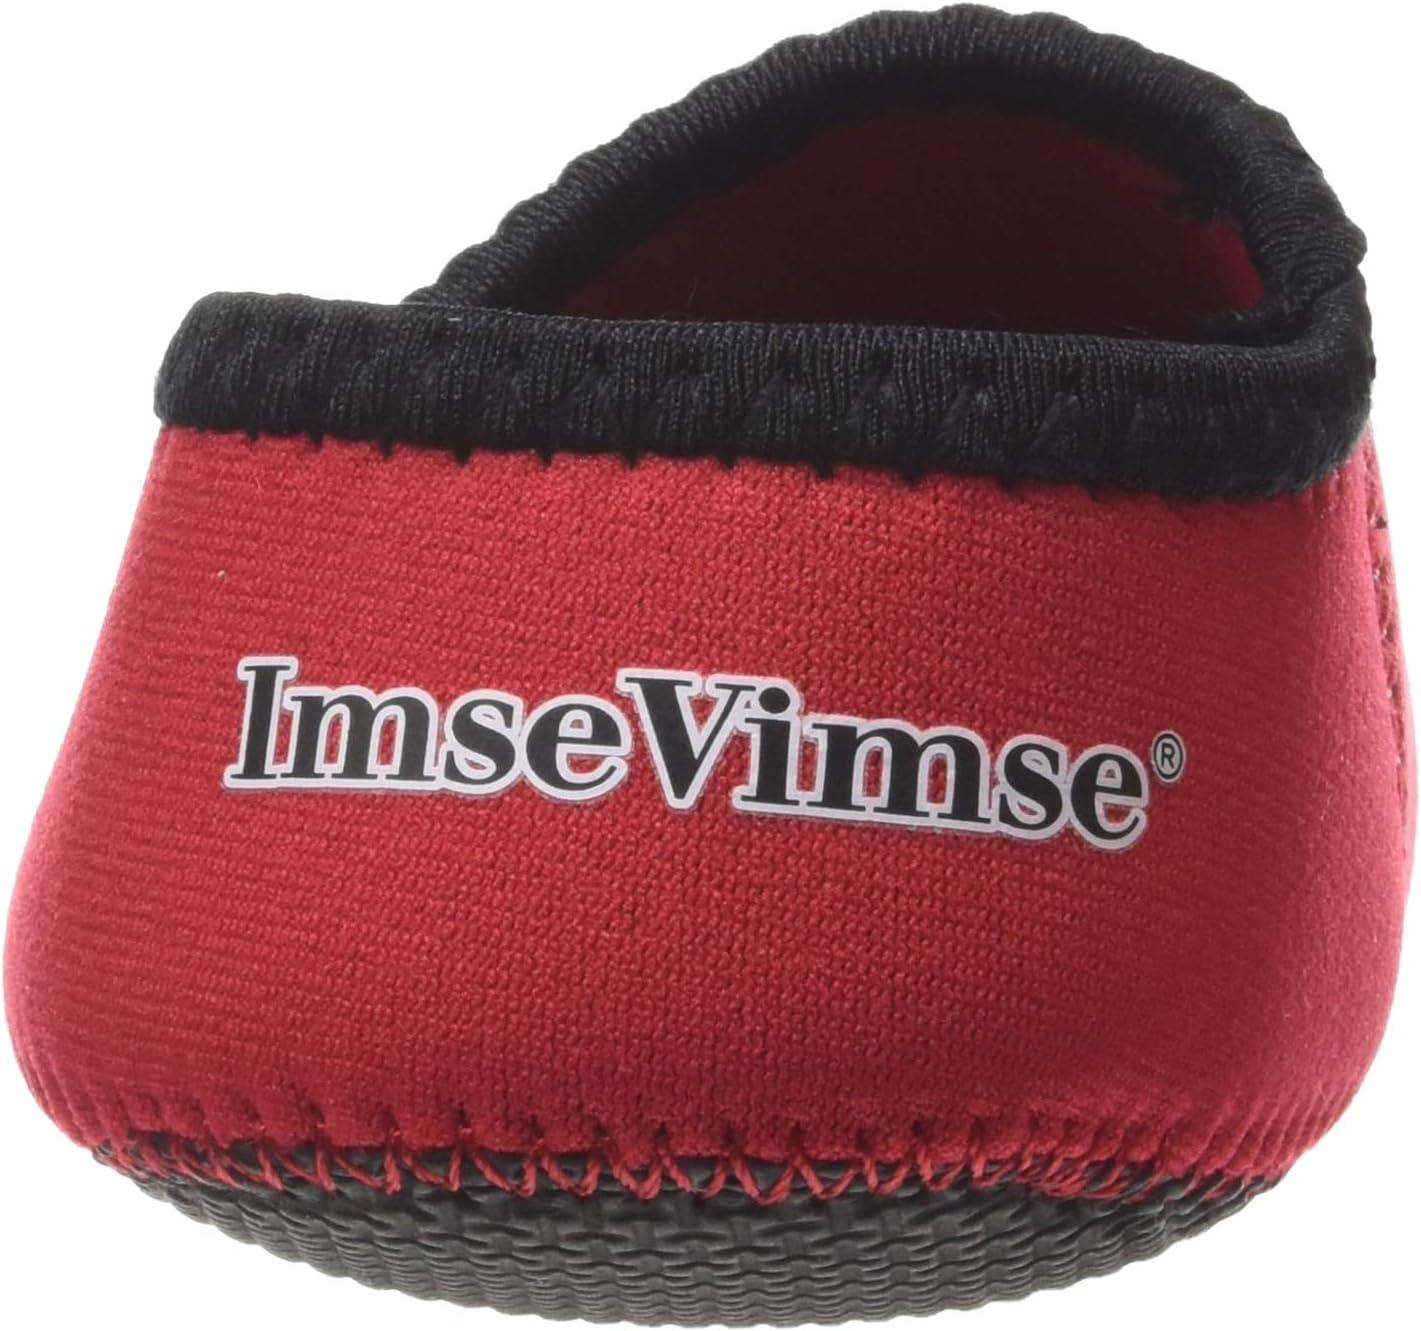 Chaussons de Piscine Imse Vimse B/éb/é